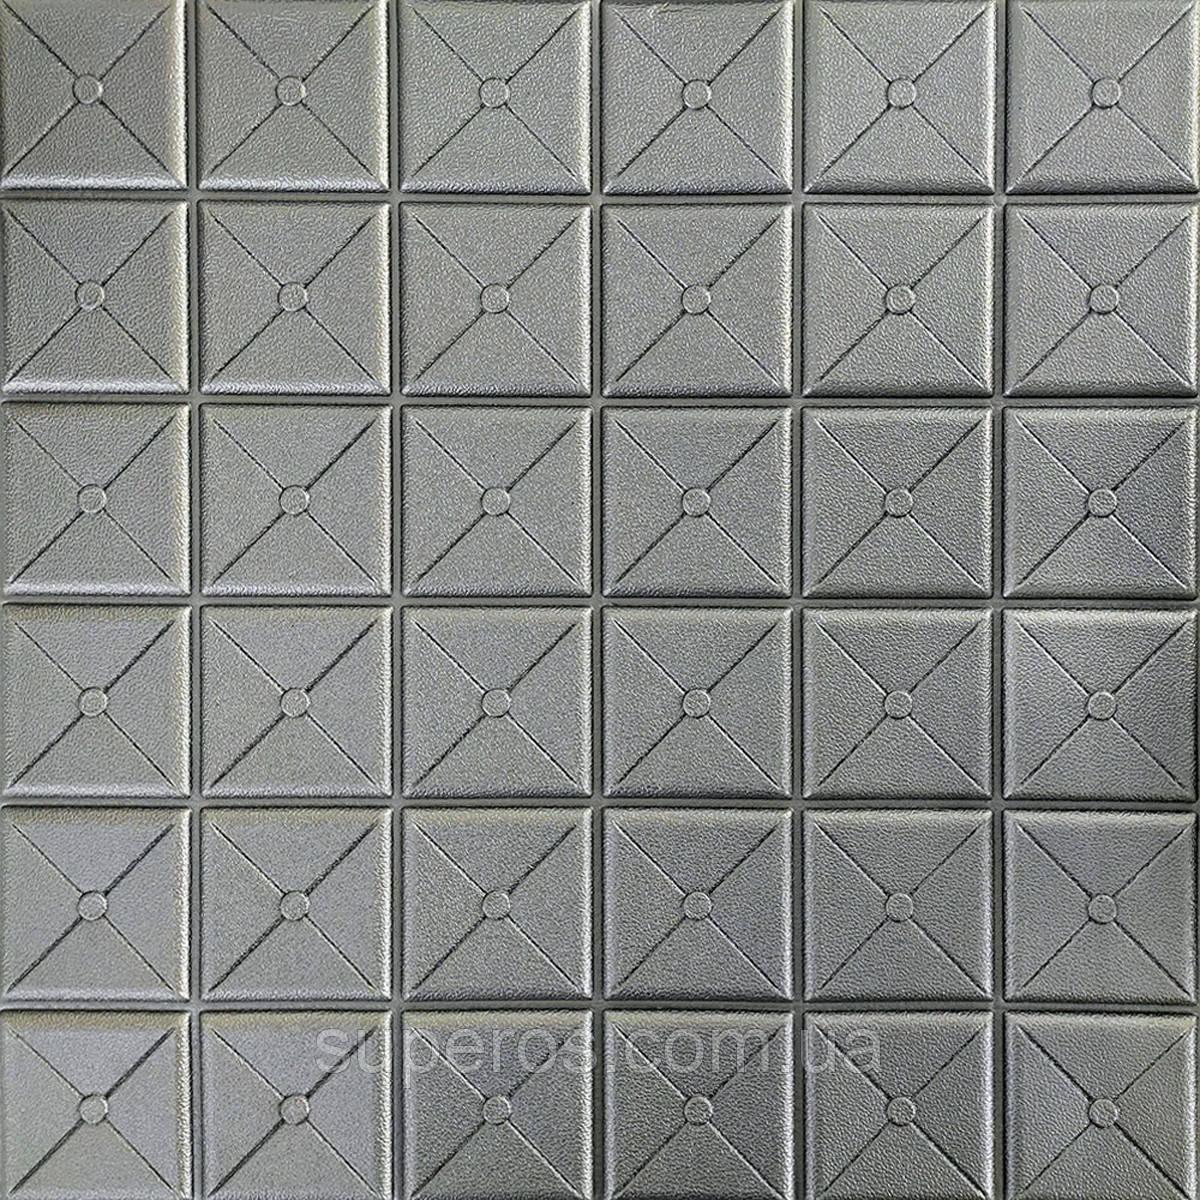 Самоклеящаяся декоративная 3D панель квадрат серебро 700x700x8мм (177)